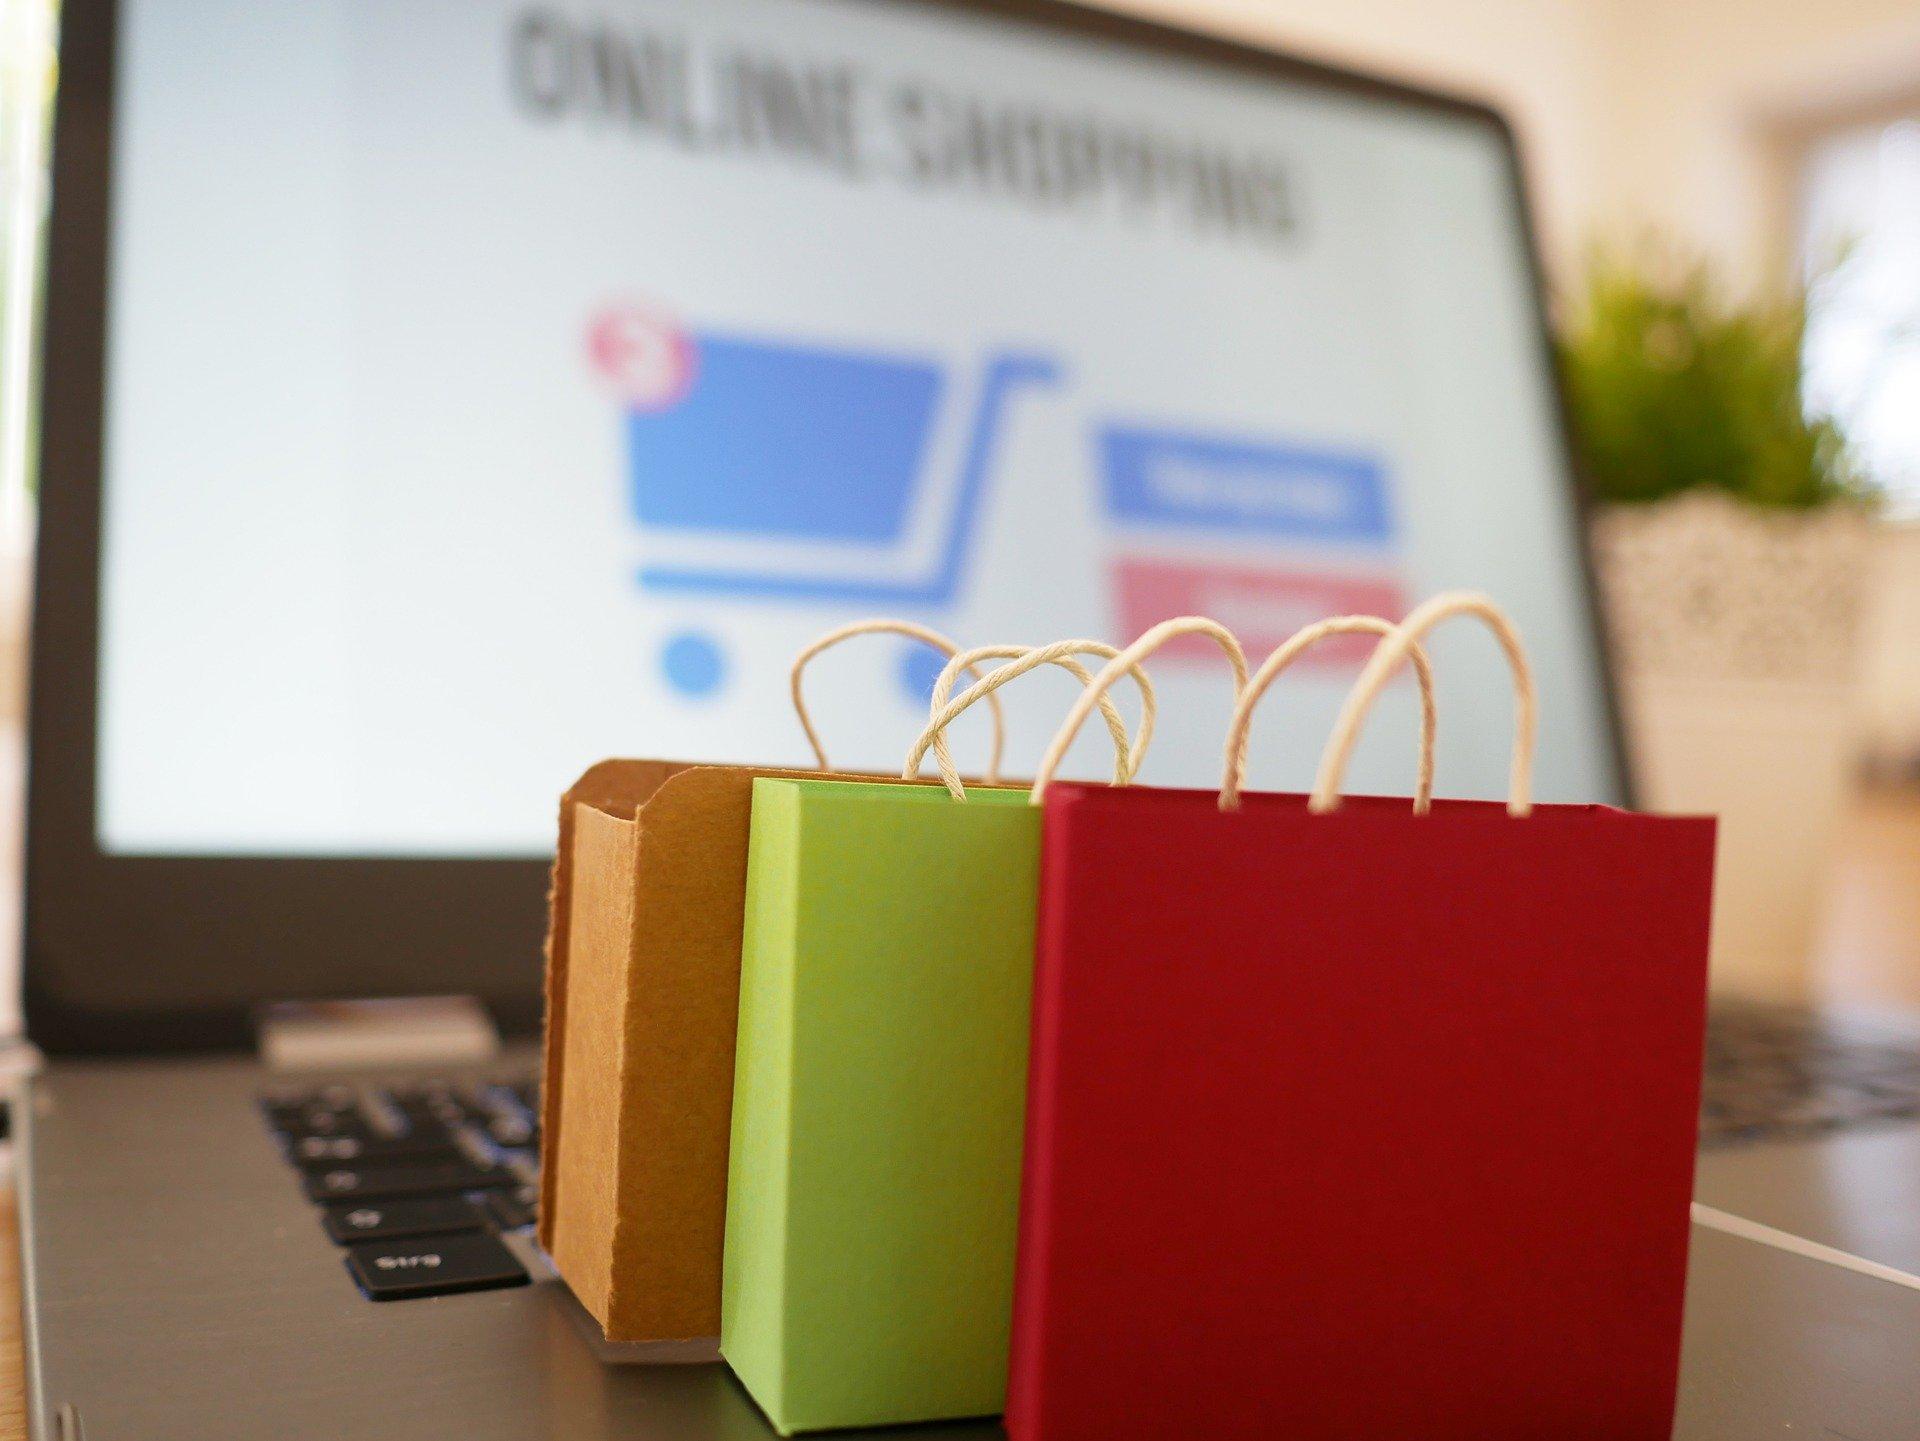 Corsa agli acquisti dei regali online: i 10 consigli della Polizia per non farsi truffare